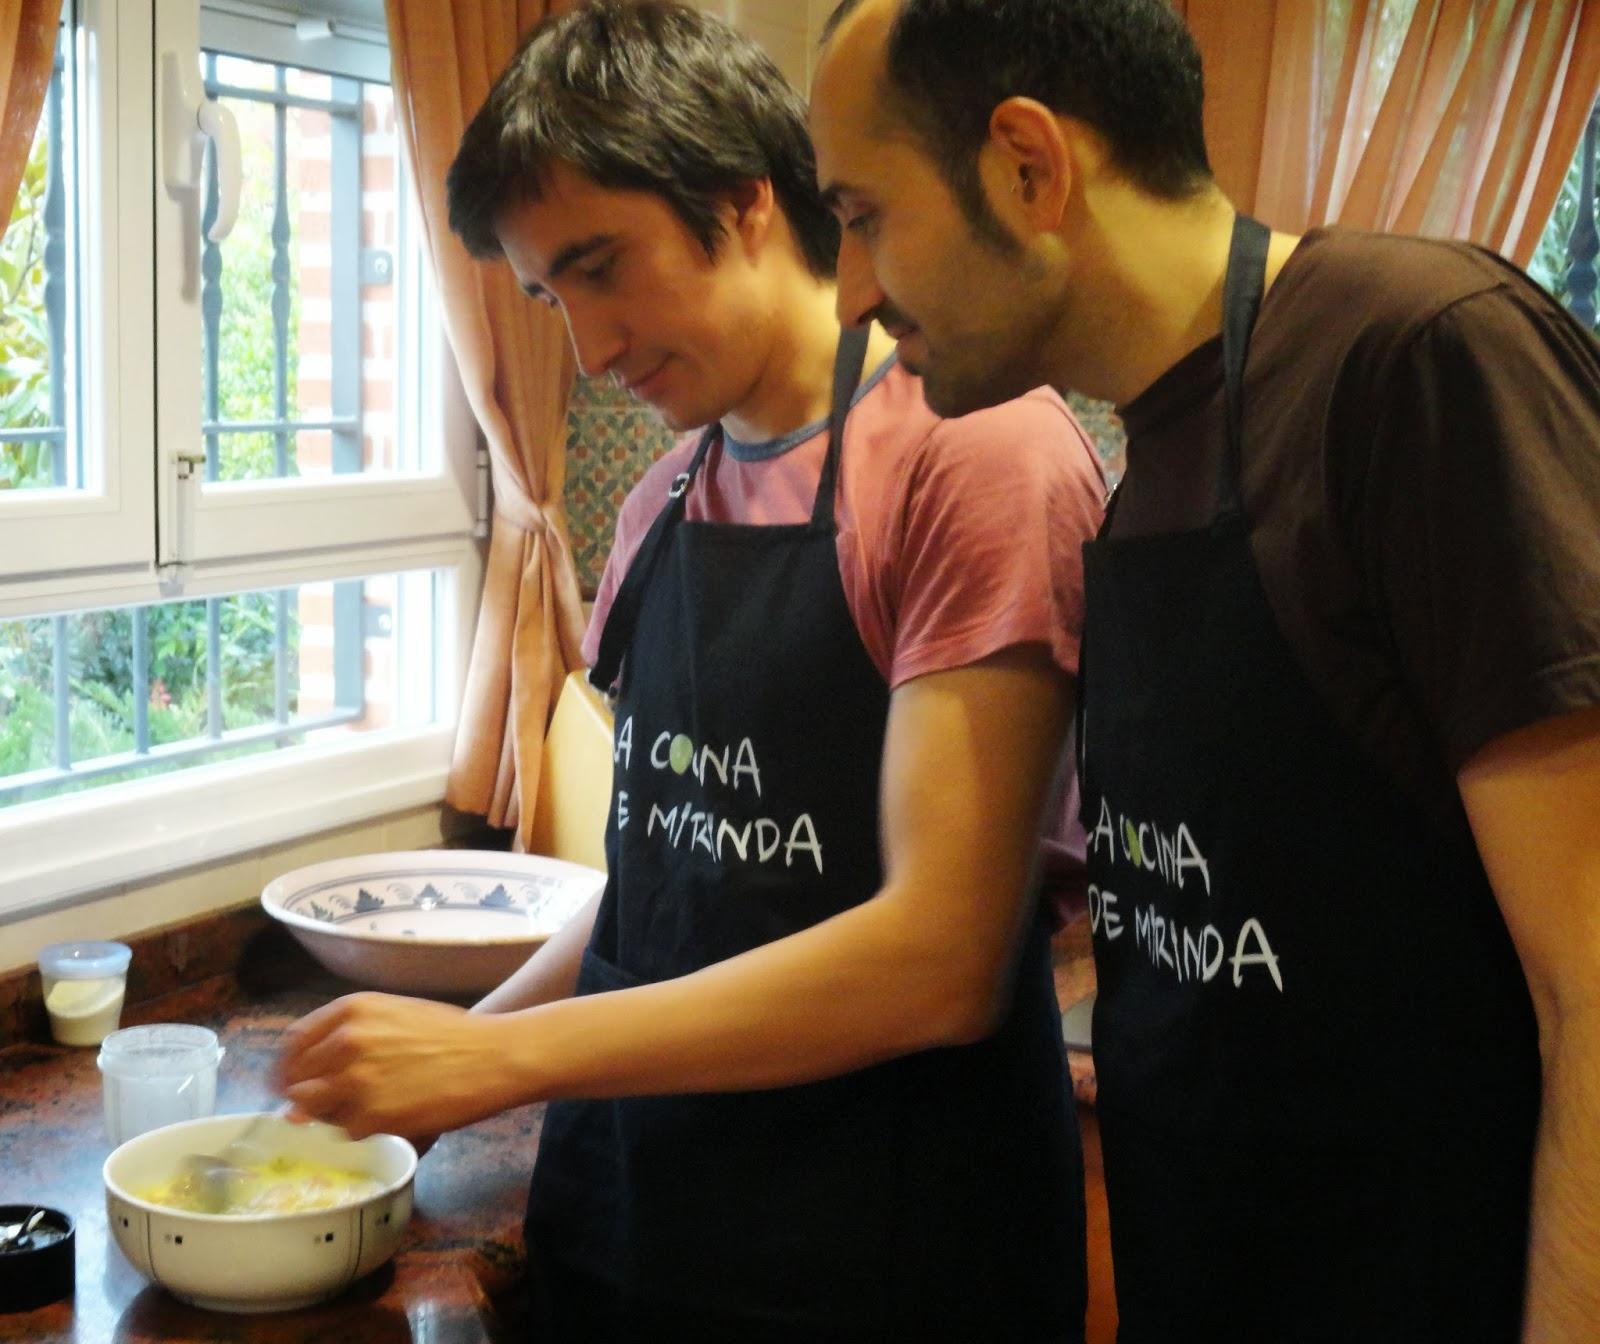 Curso de cocina india a domicilio en madrid la cocina de mirinda - Curso de cocina italiana madrid ...